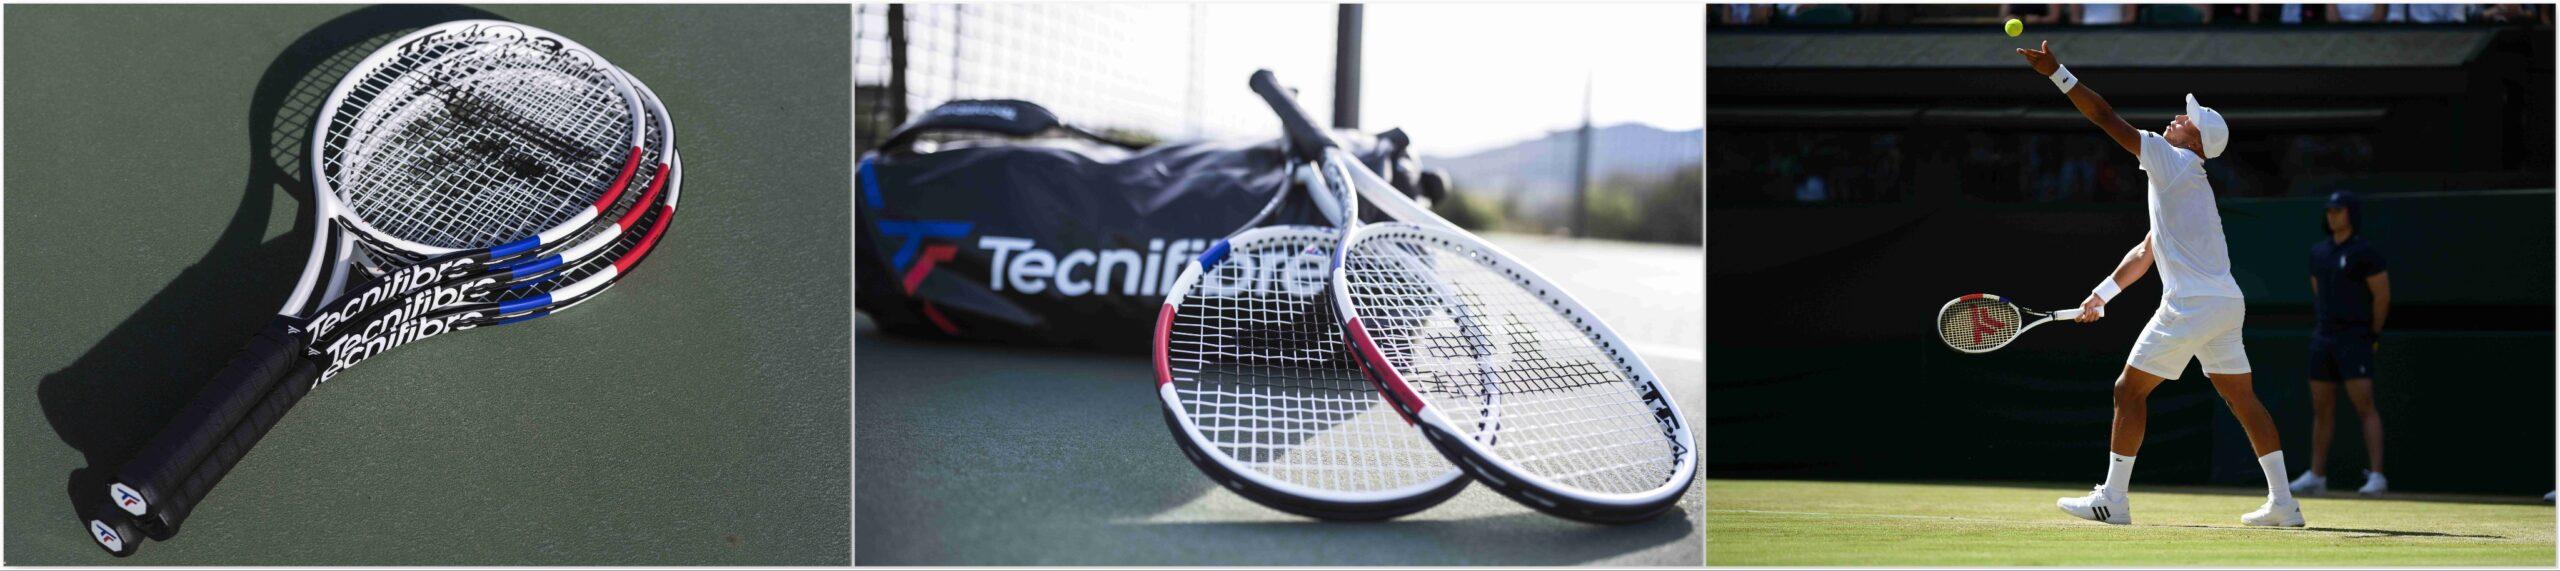 raquettes tennis tecnifibre TF-40